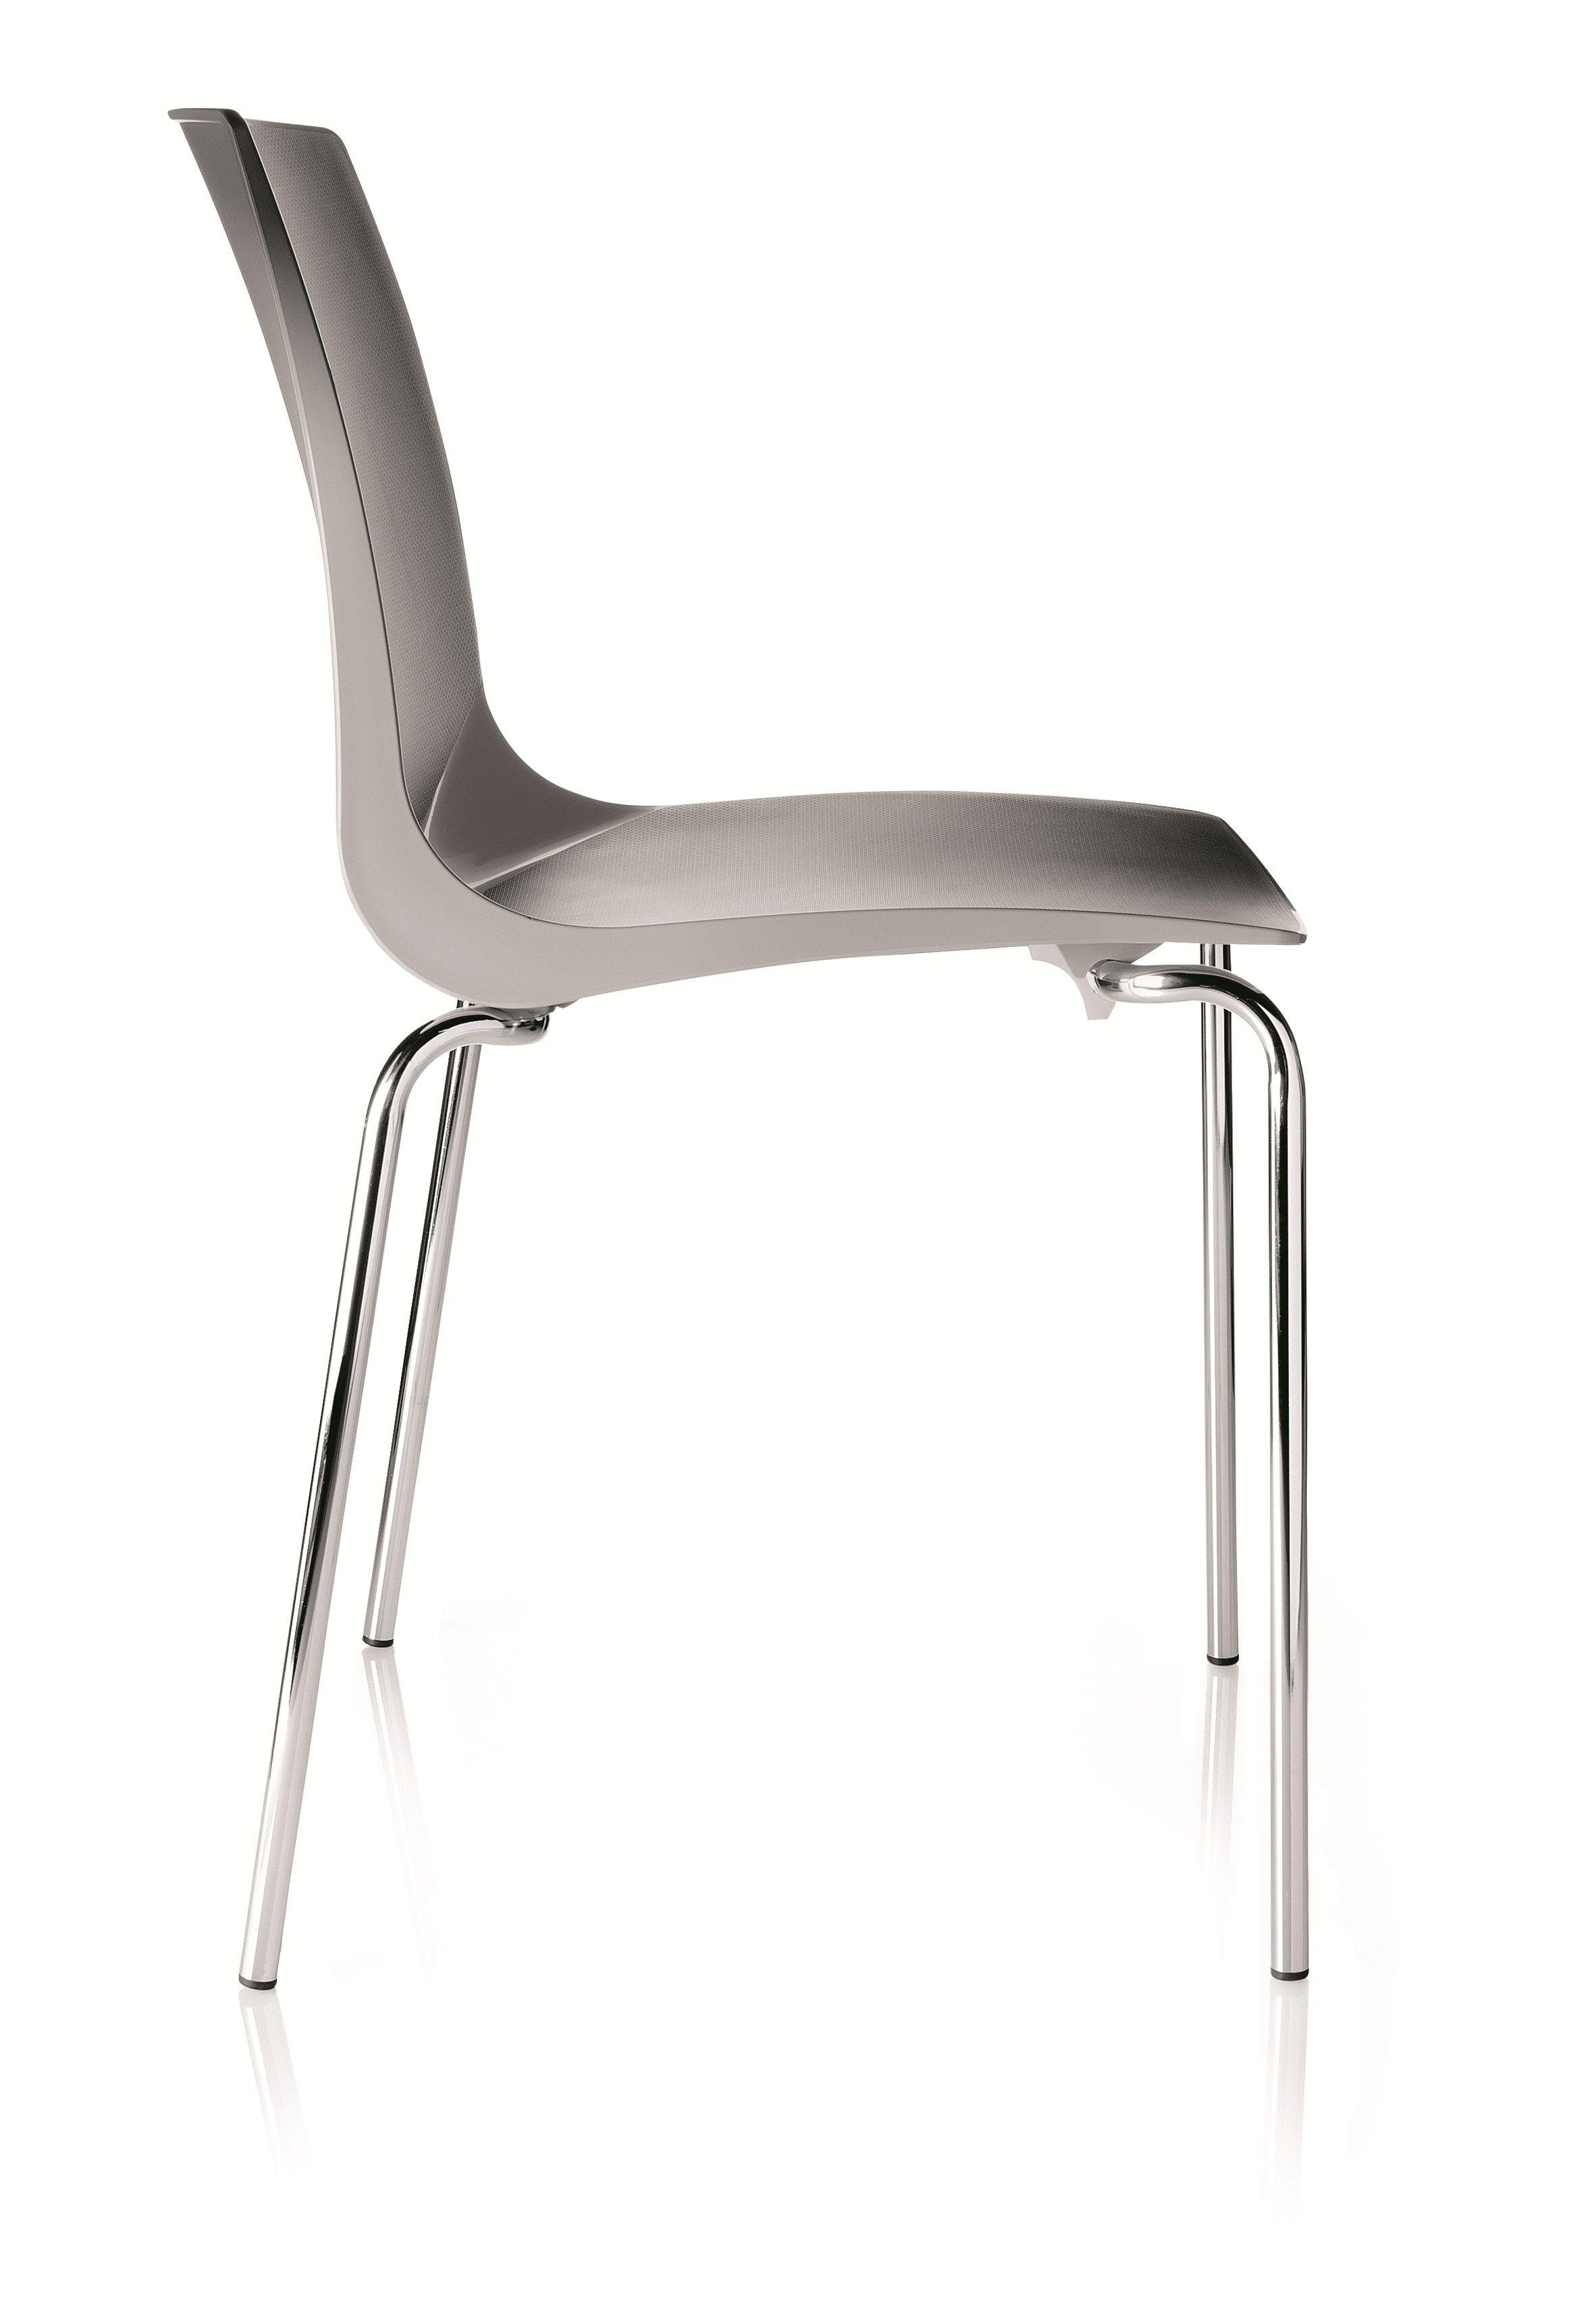 Mare chair by vela arredamenti design studio progettazione for Vela arredamenti